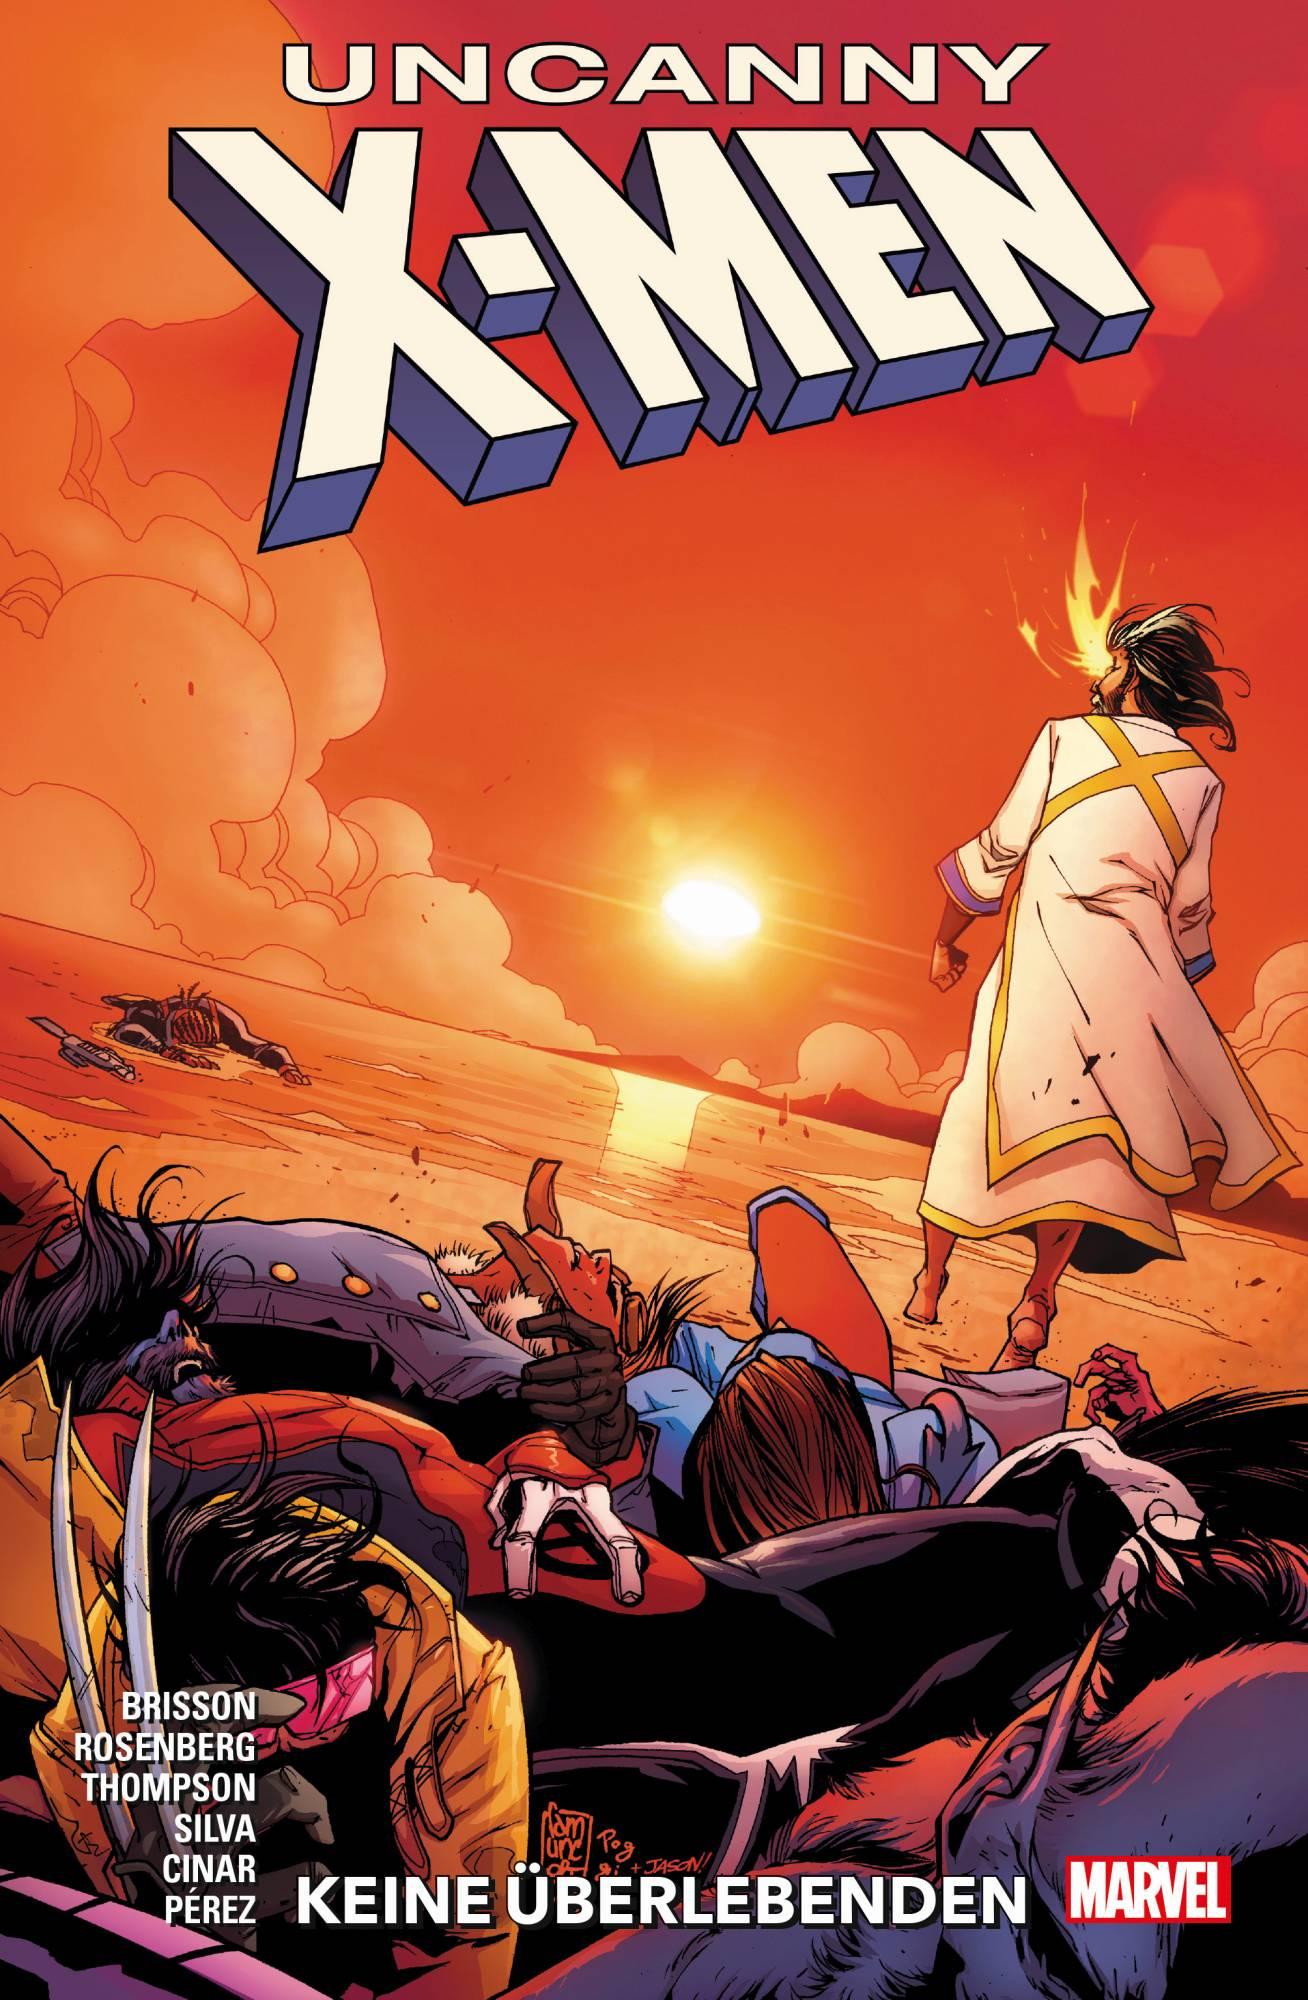 Uncanny X-Men Bd. 2 - Keine Überlebenden